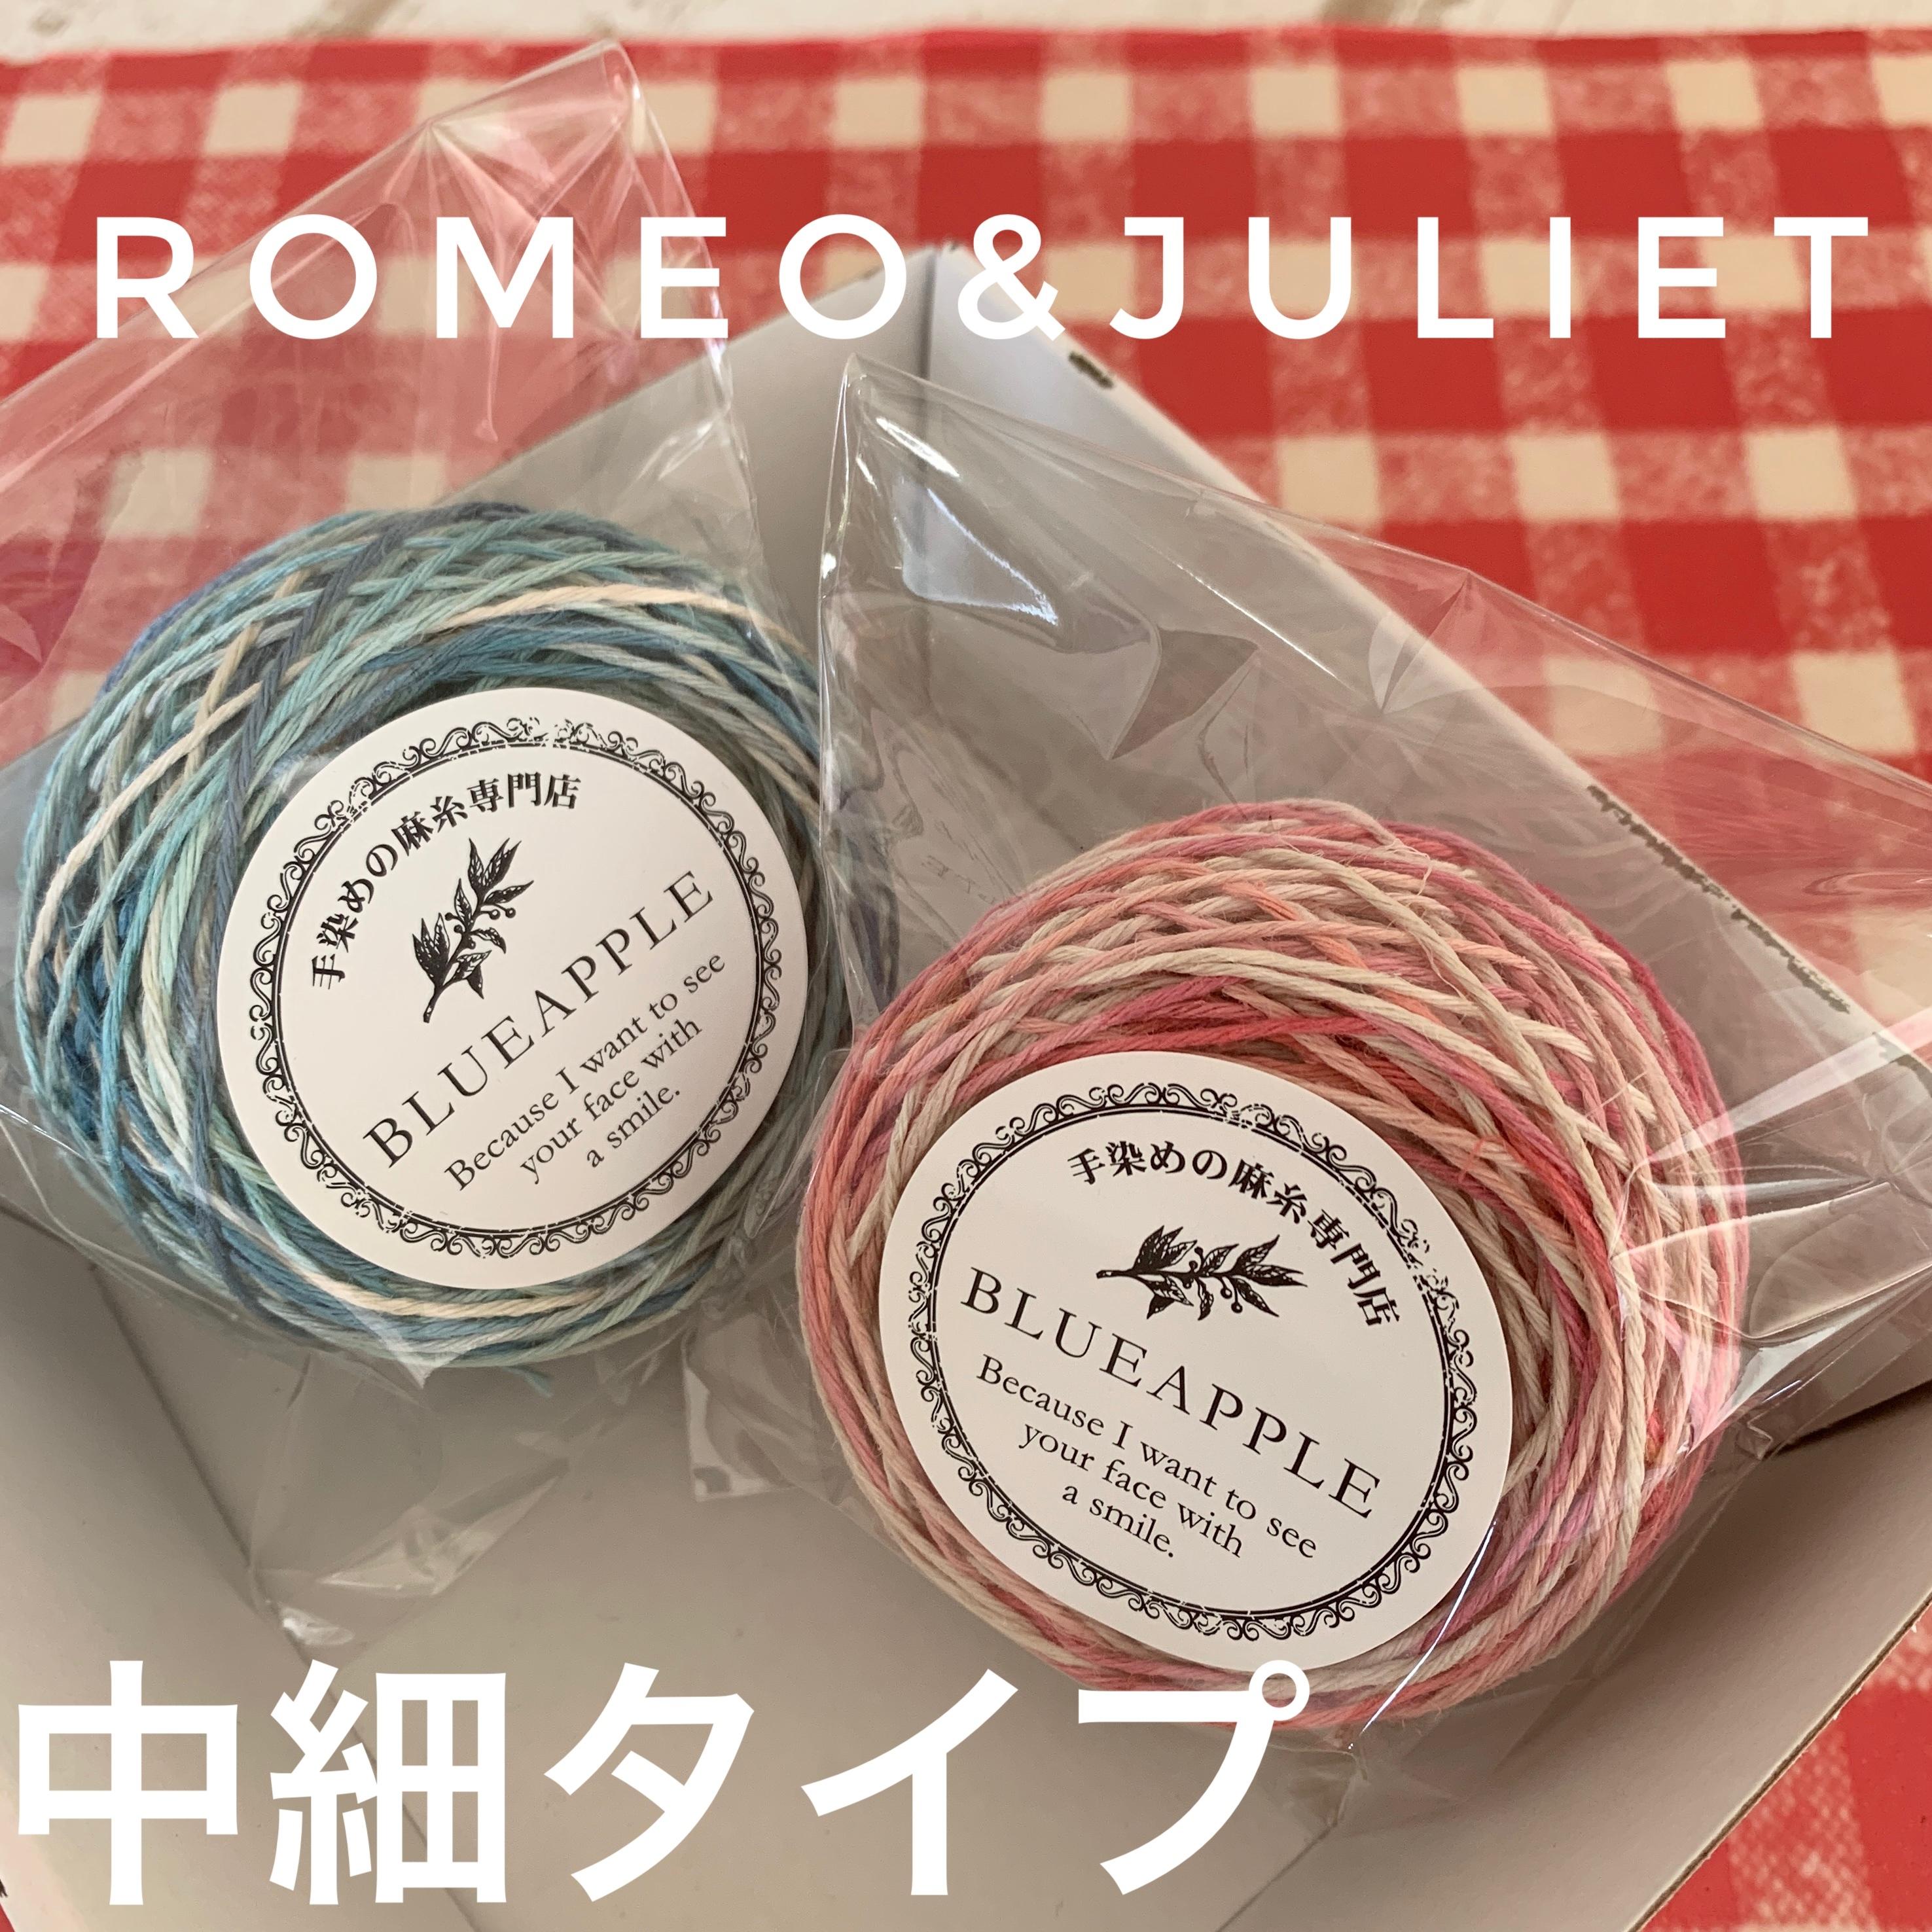 イタリア産高級オリジナルヘンプ Romeo&Juliet 中細タイプ15g 2個セット(袋入り)